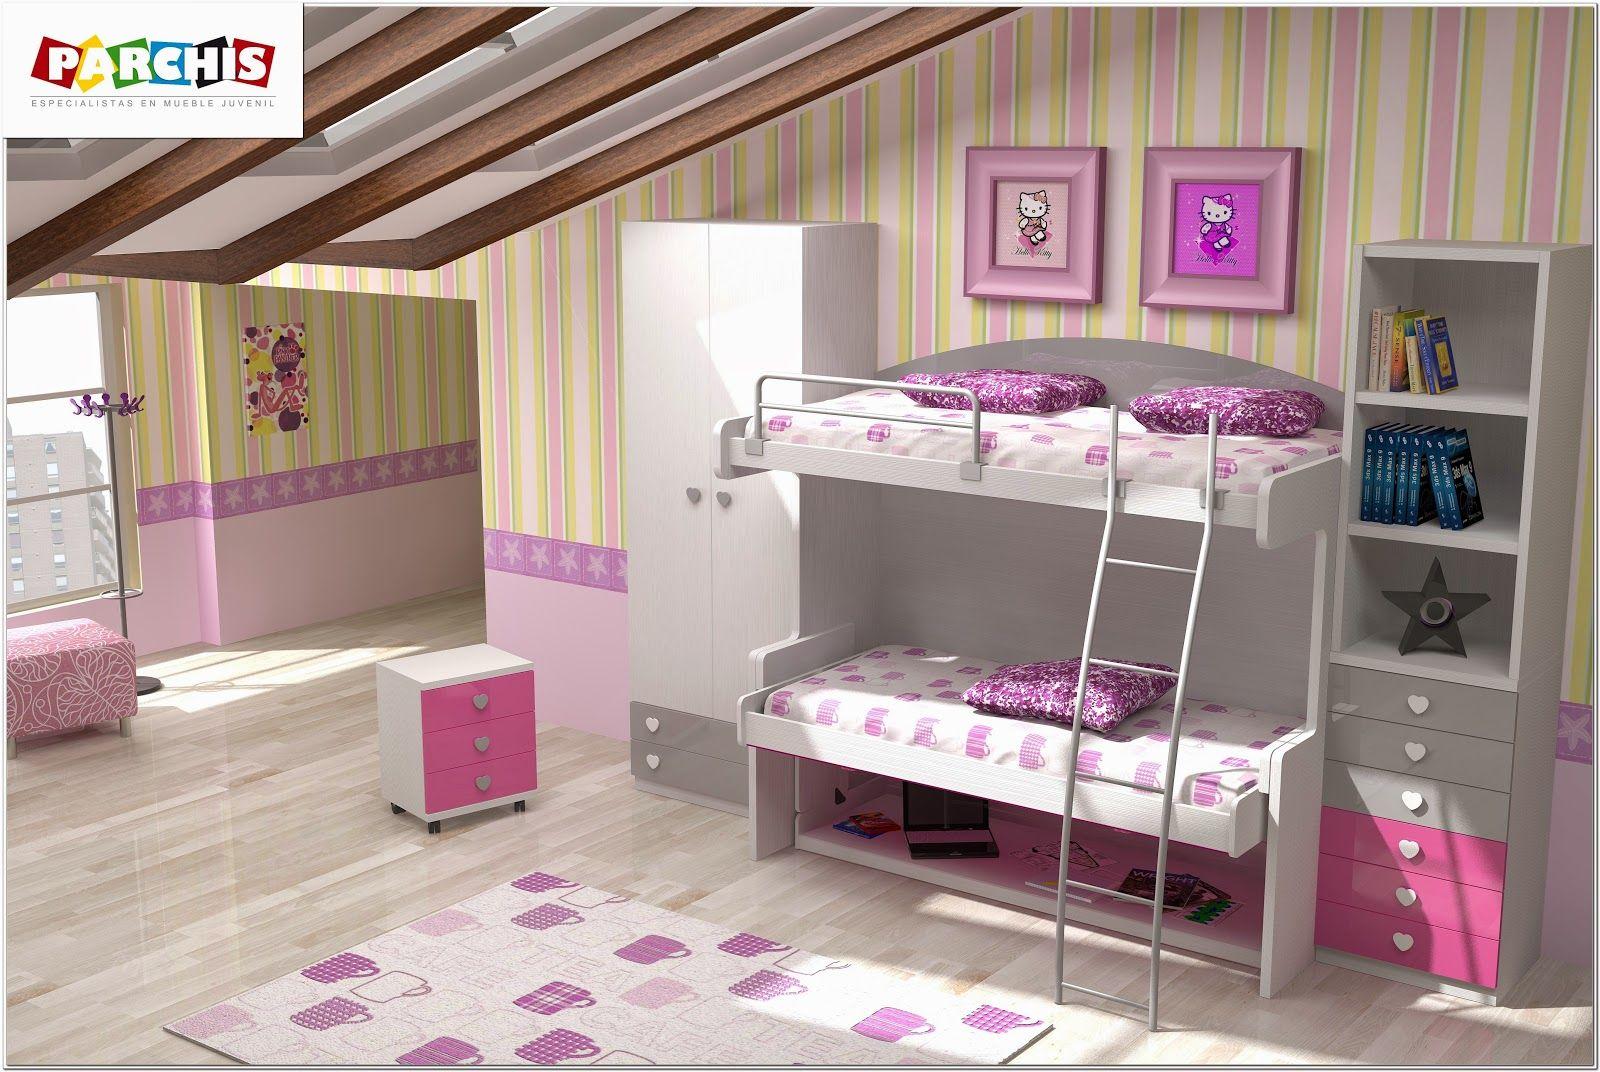 Dormitorios juveniles en madrid habitaciones infantiles - Muebles dormitorio madrid ...